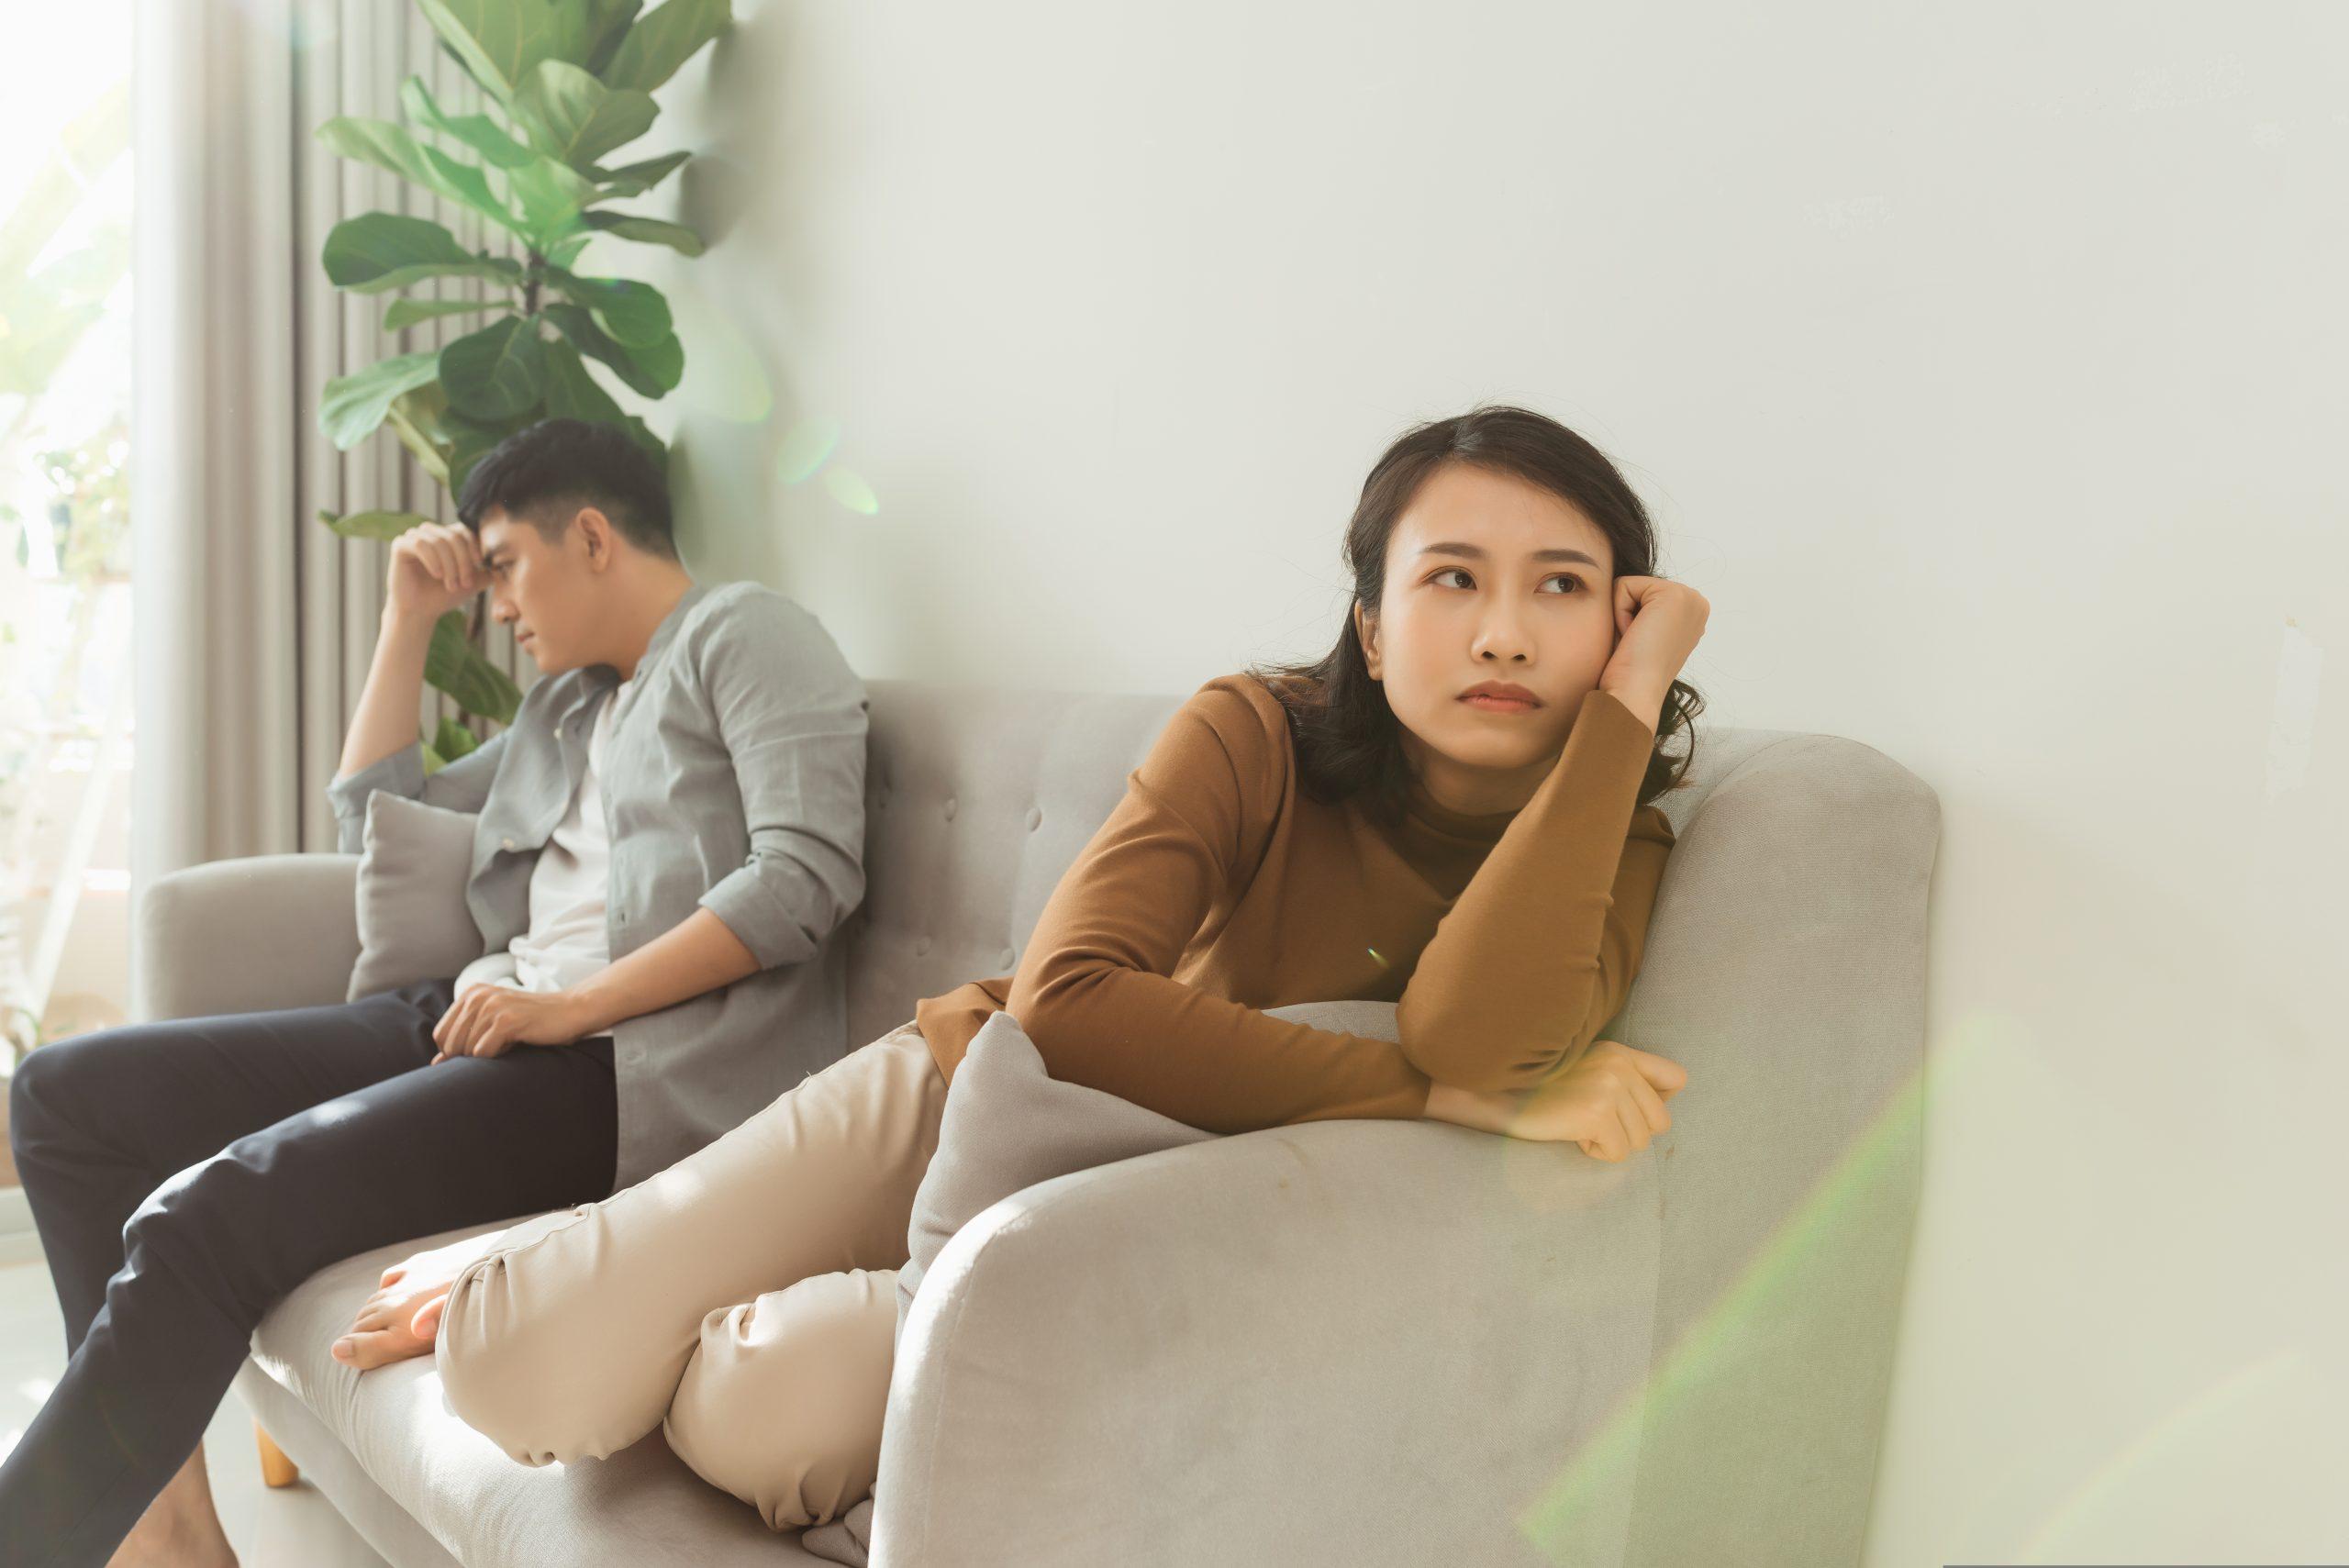 不倫相手と同棲している配偶者が話し合いに応じない場合にはどうする?